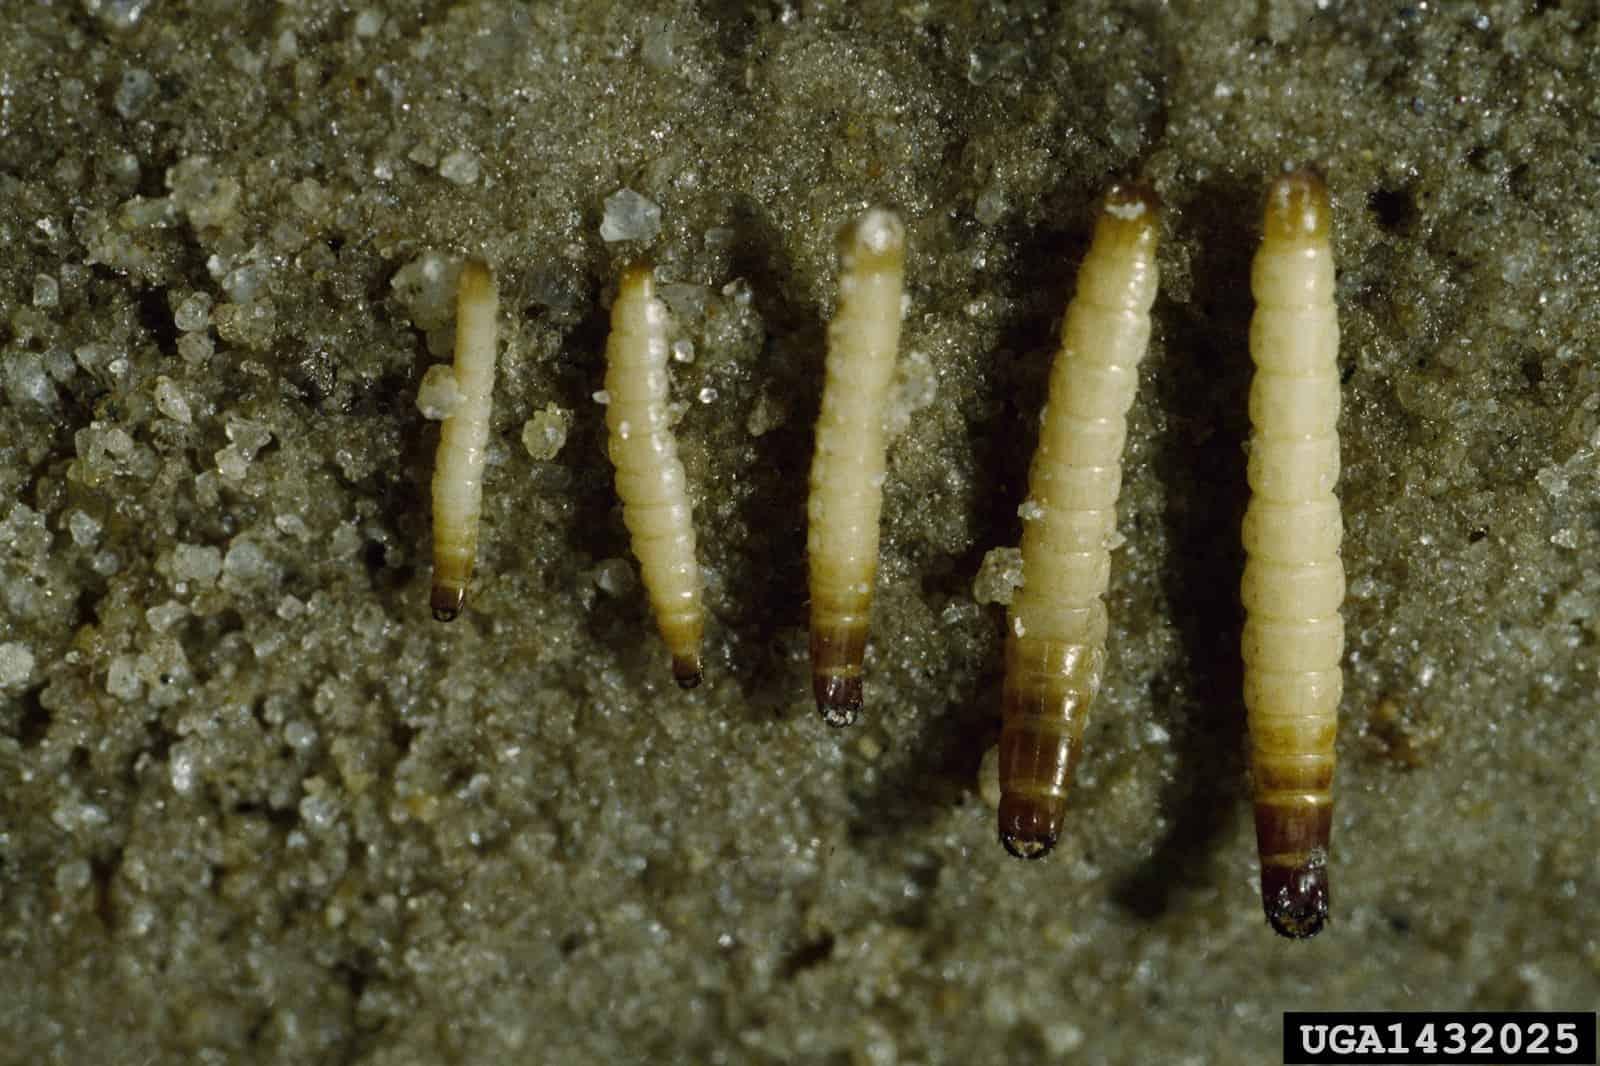 Larva arame em diferentes estágios